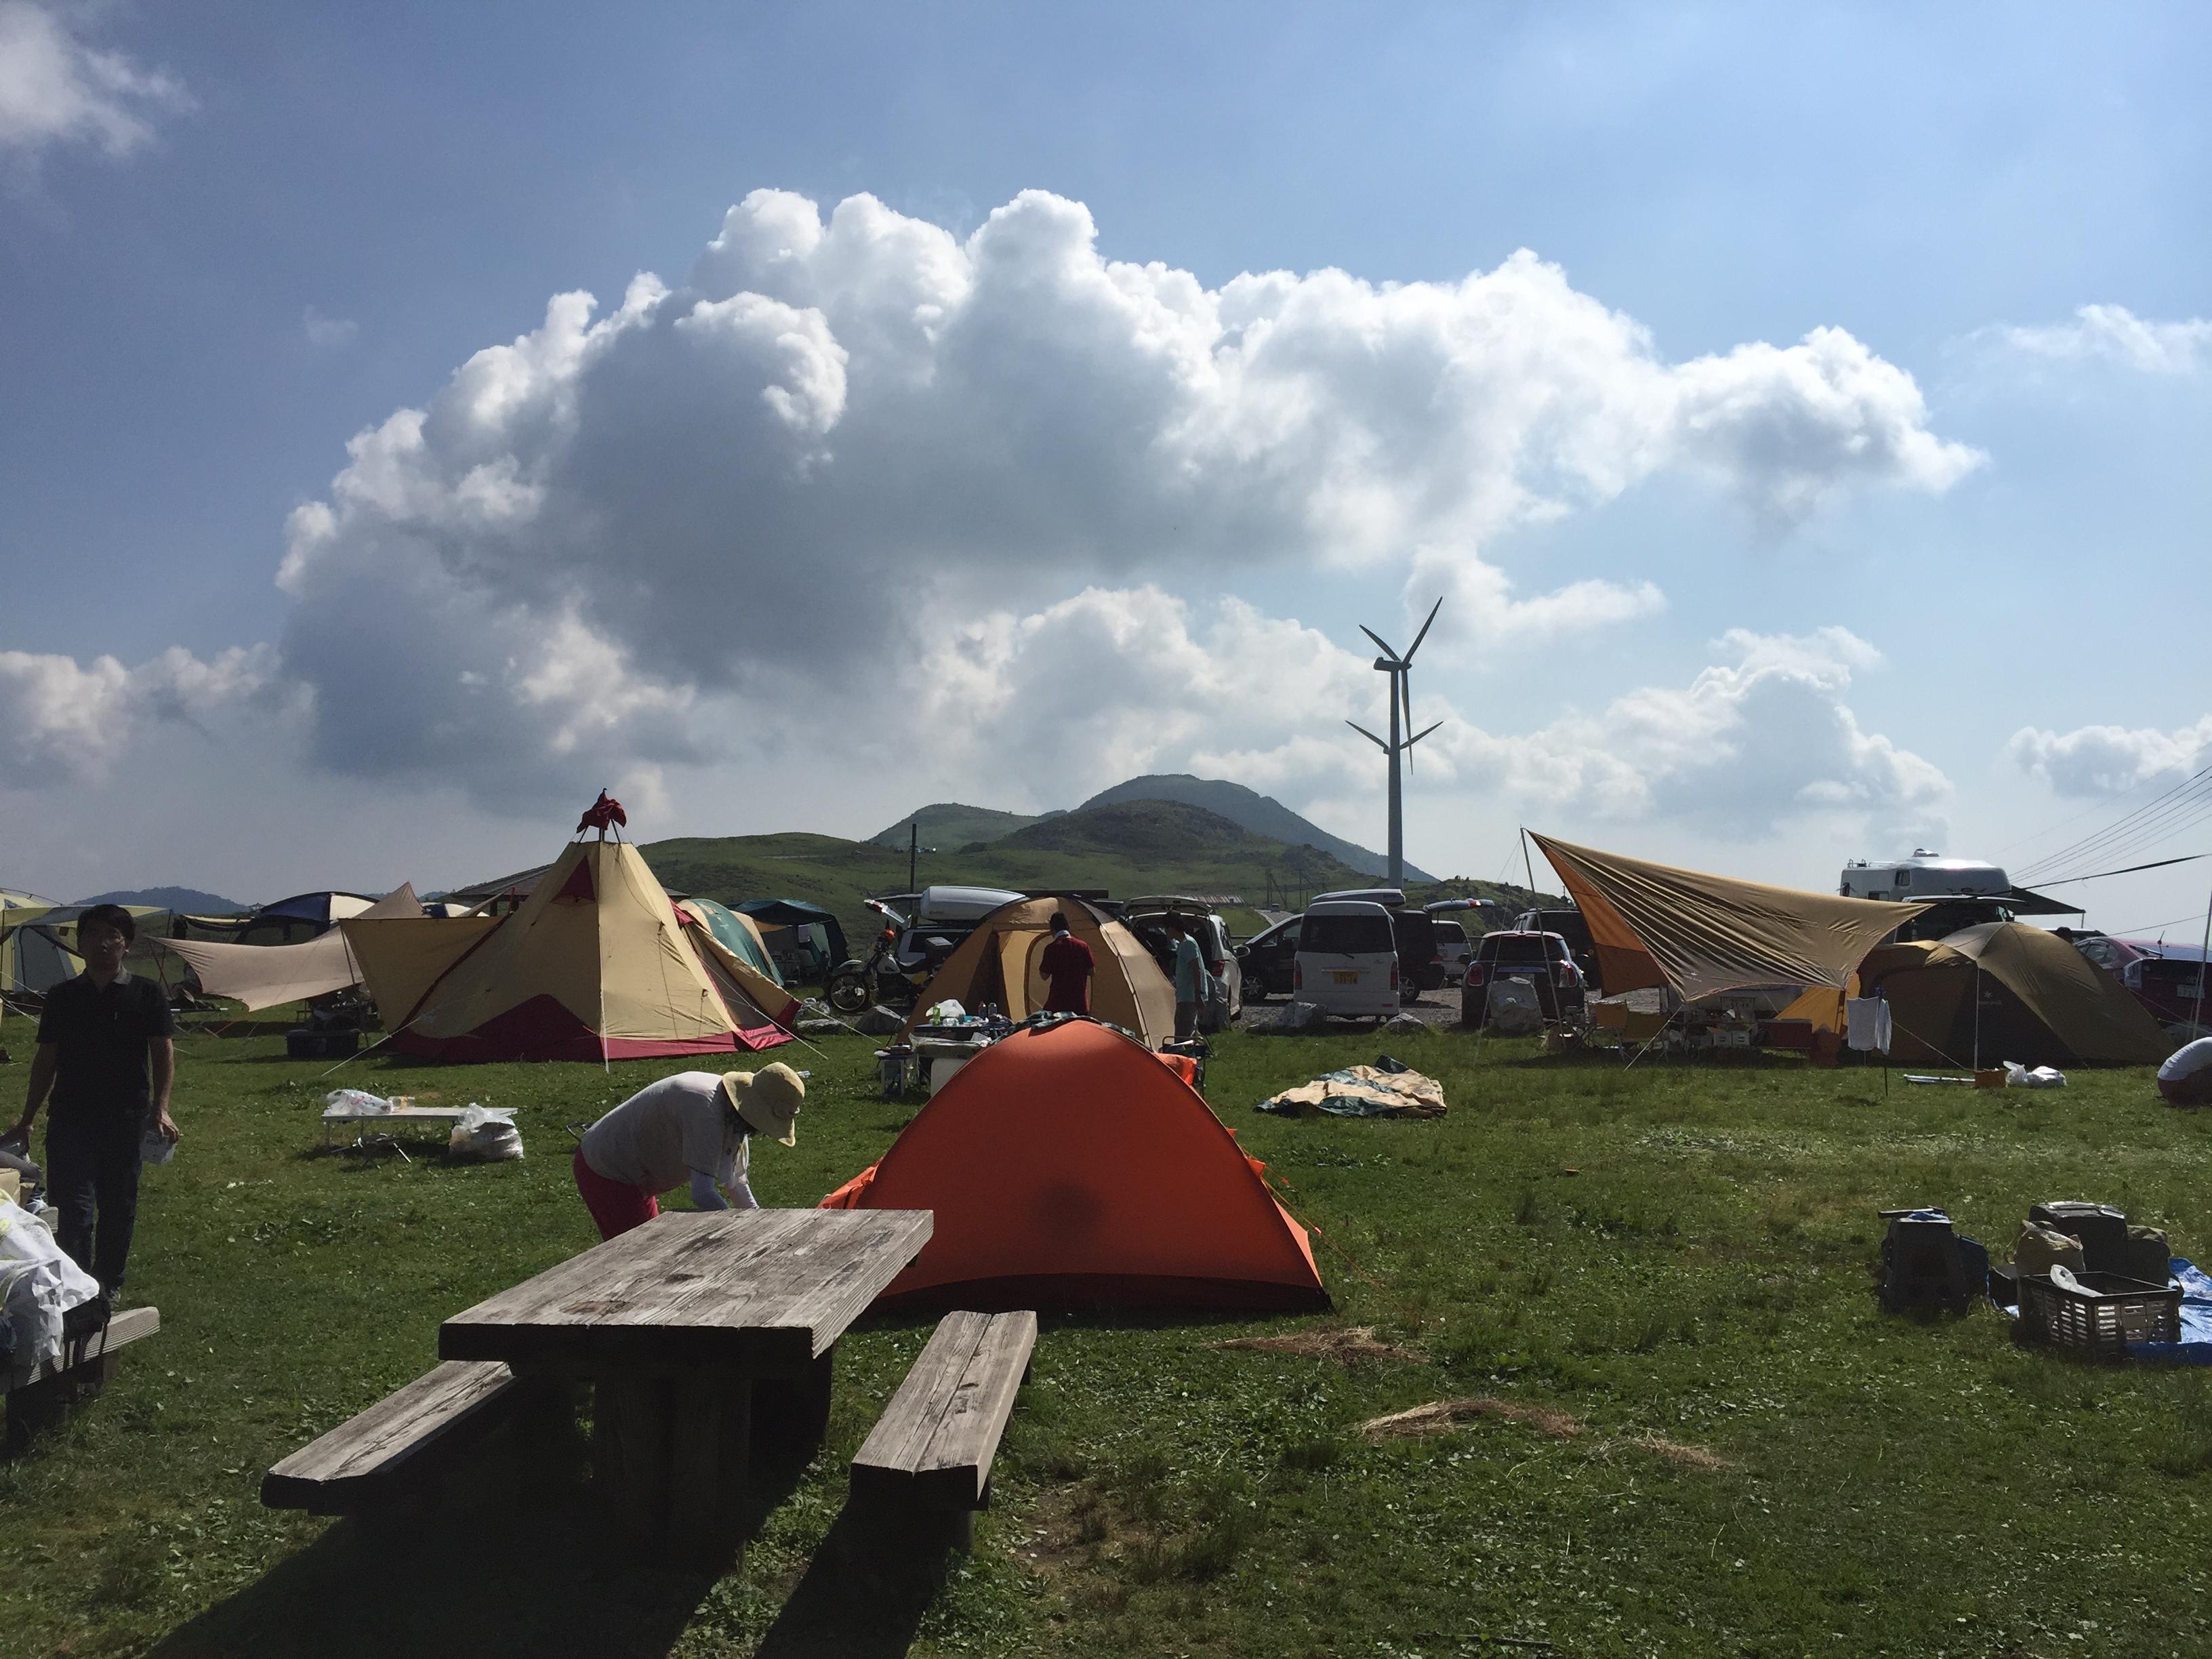 夏がやってきた!今年の夏は四国カルストで草原・星空キャンプに挑戦してみませんか!?